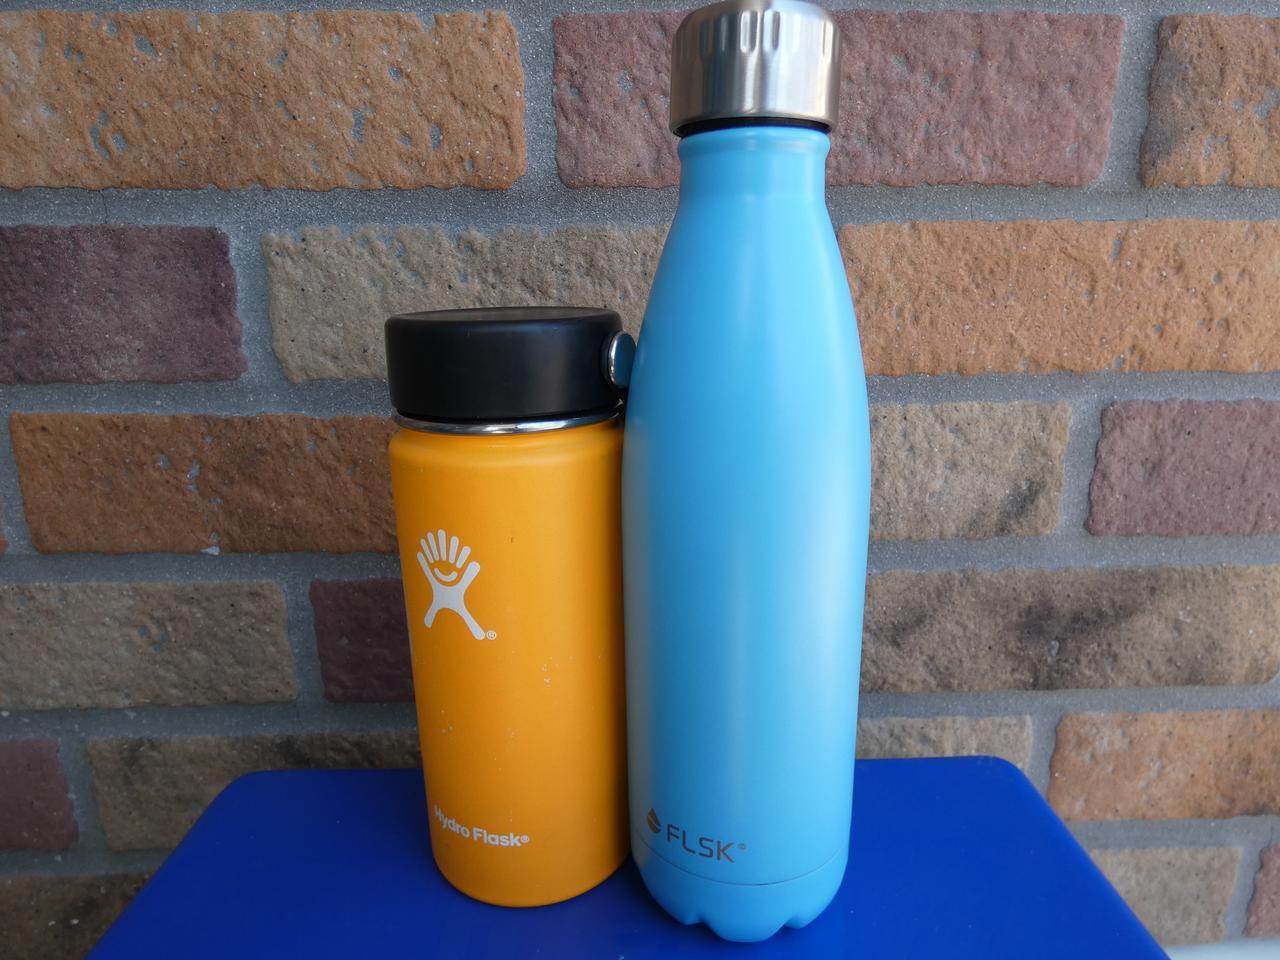 画像: 【徹底比較】おしゃれ水筒フラスク&ハイドロフラスク 炭酸飲料が入れられるタイプも - ハピキャン キャンプ・アウトドア情報メディア